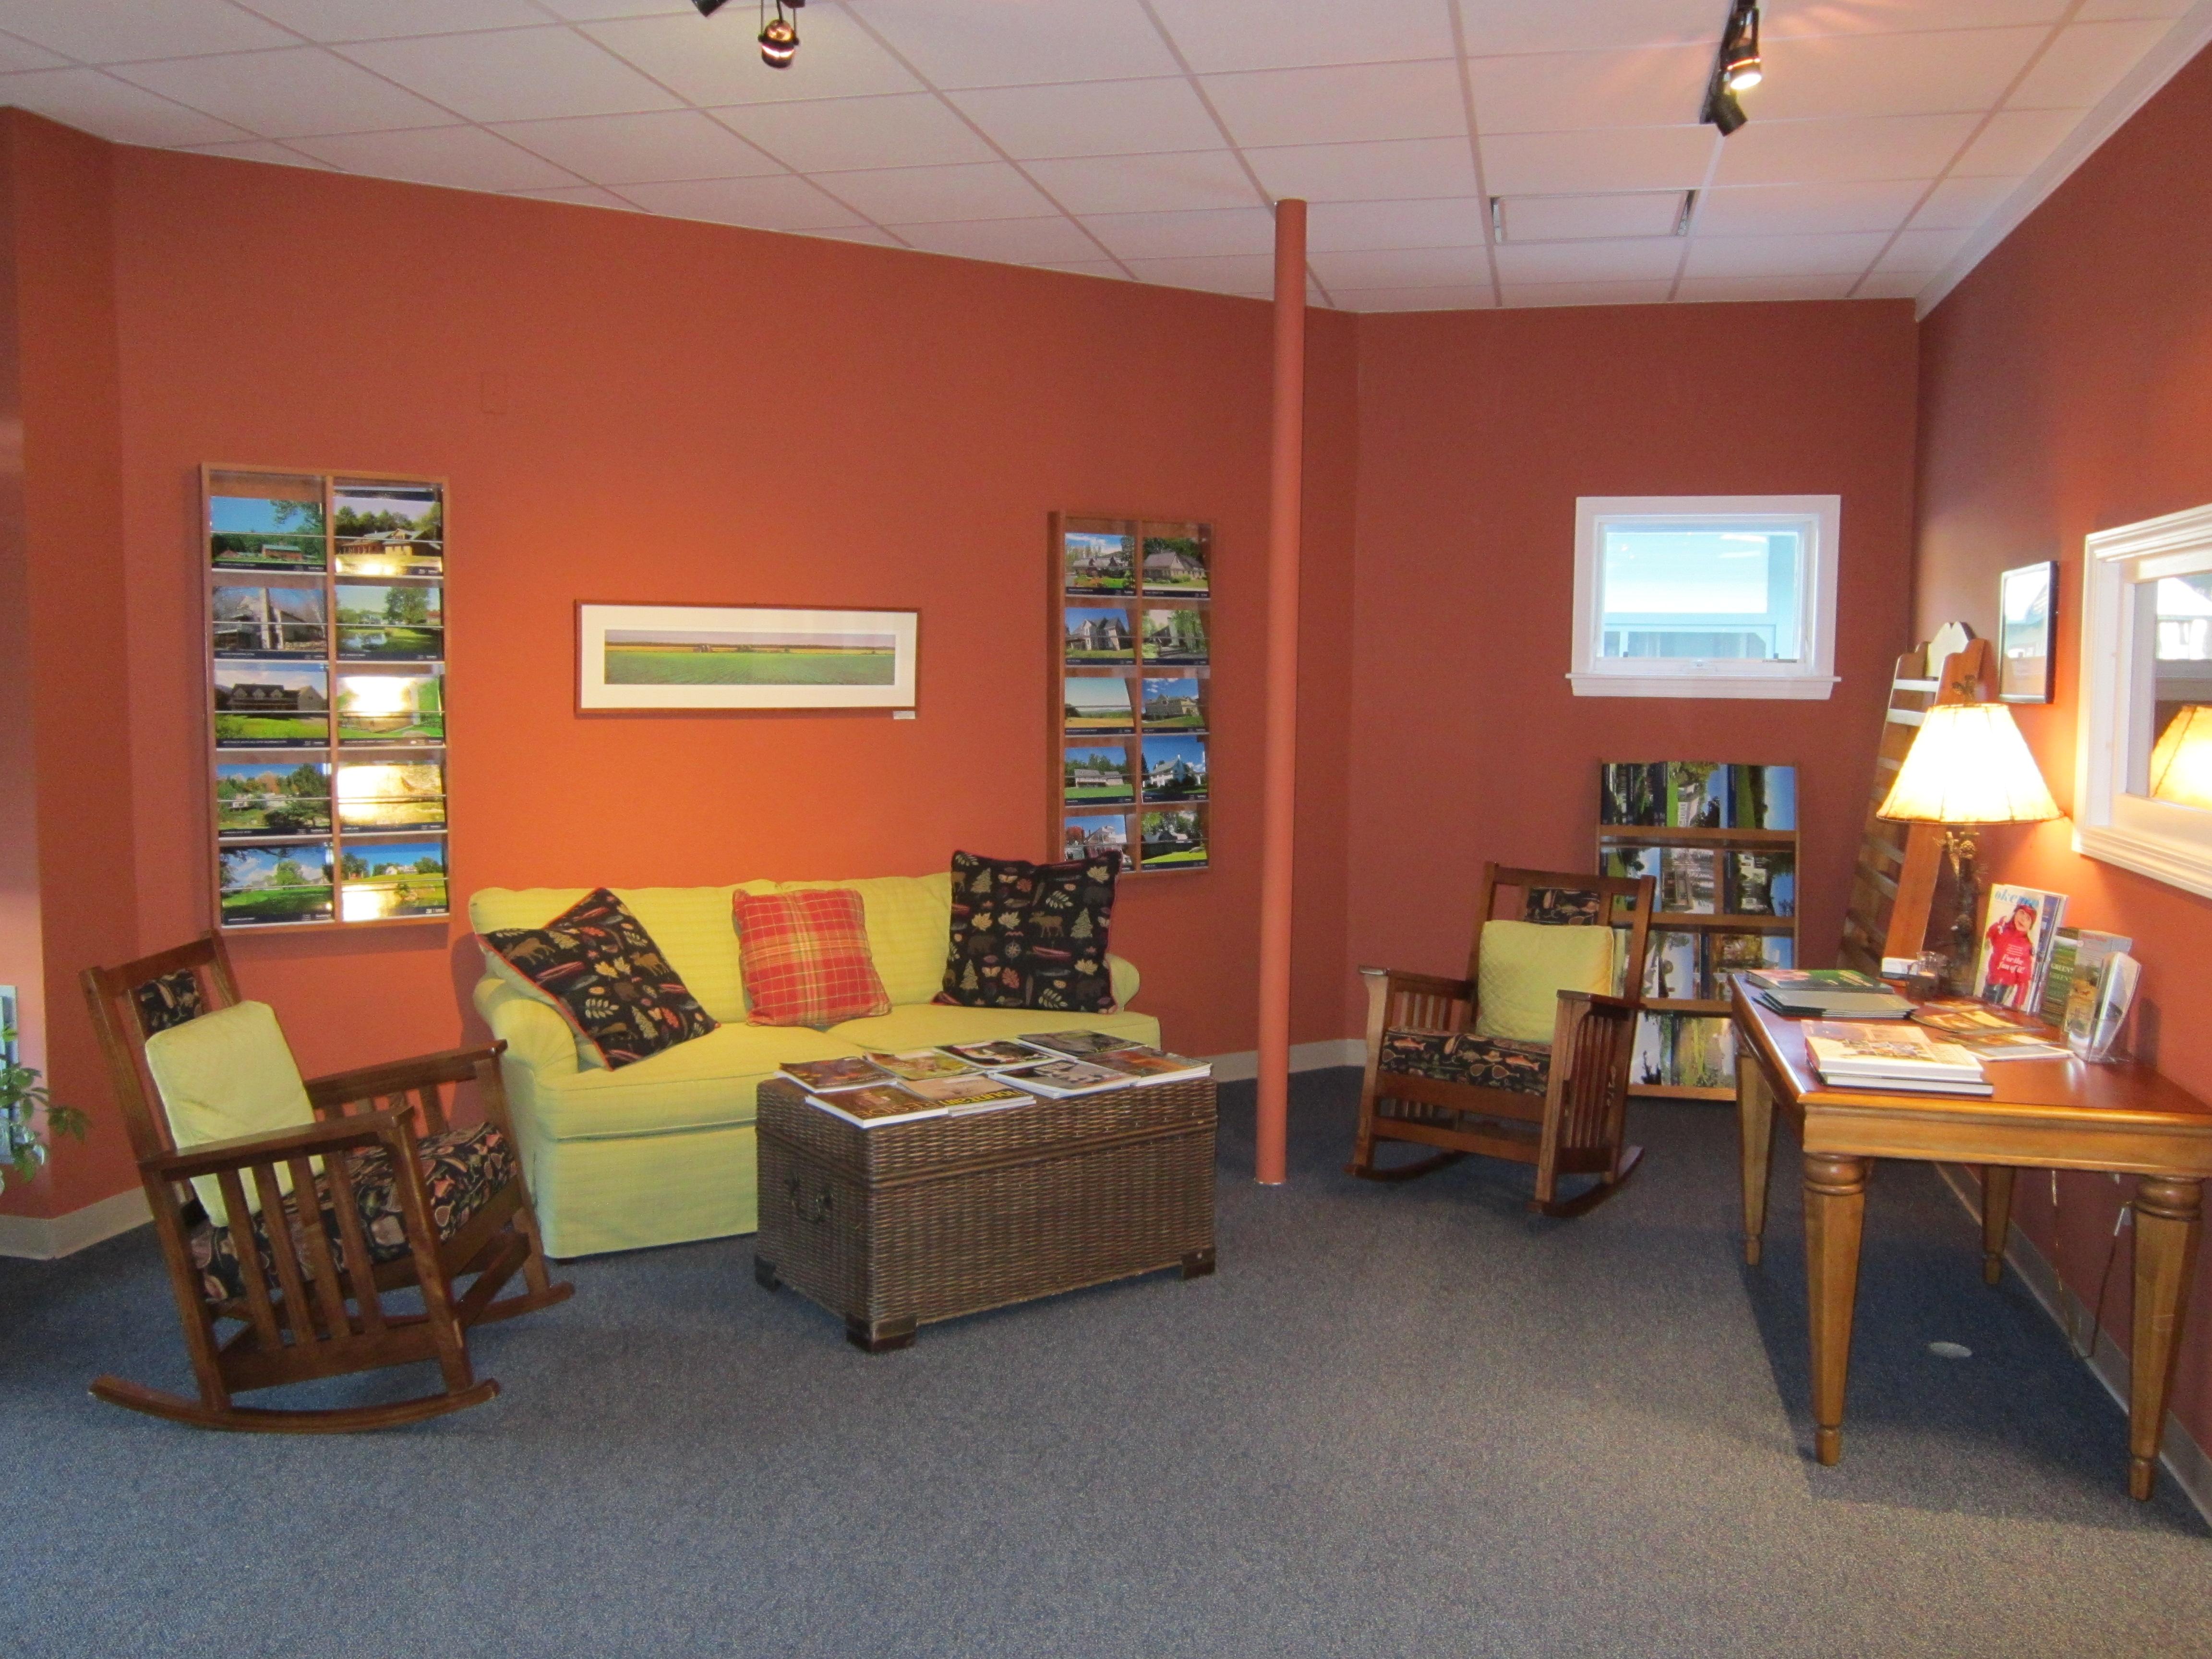 Office 180-b-4407-4001224 Photo